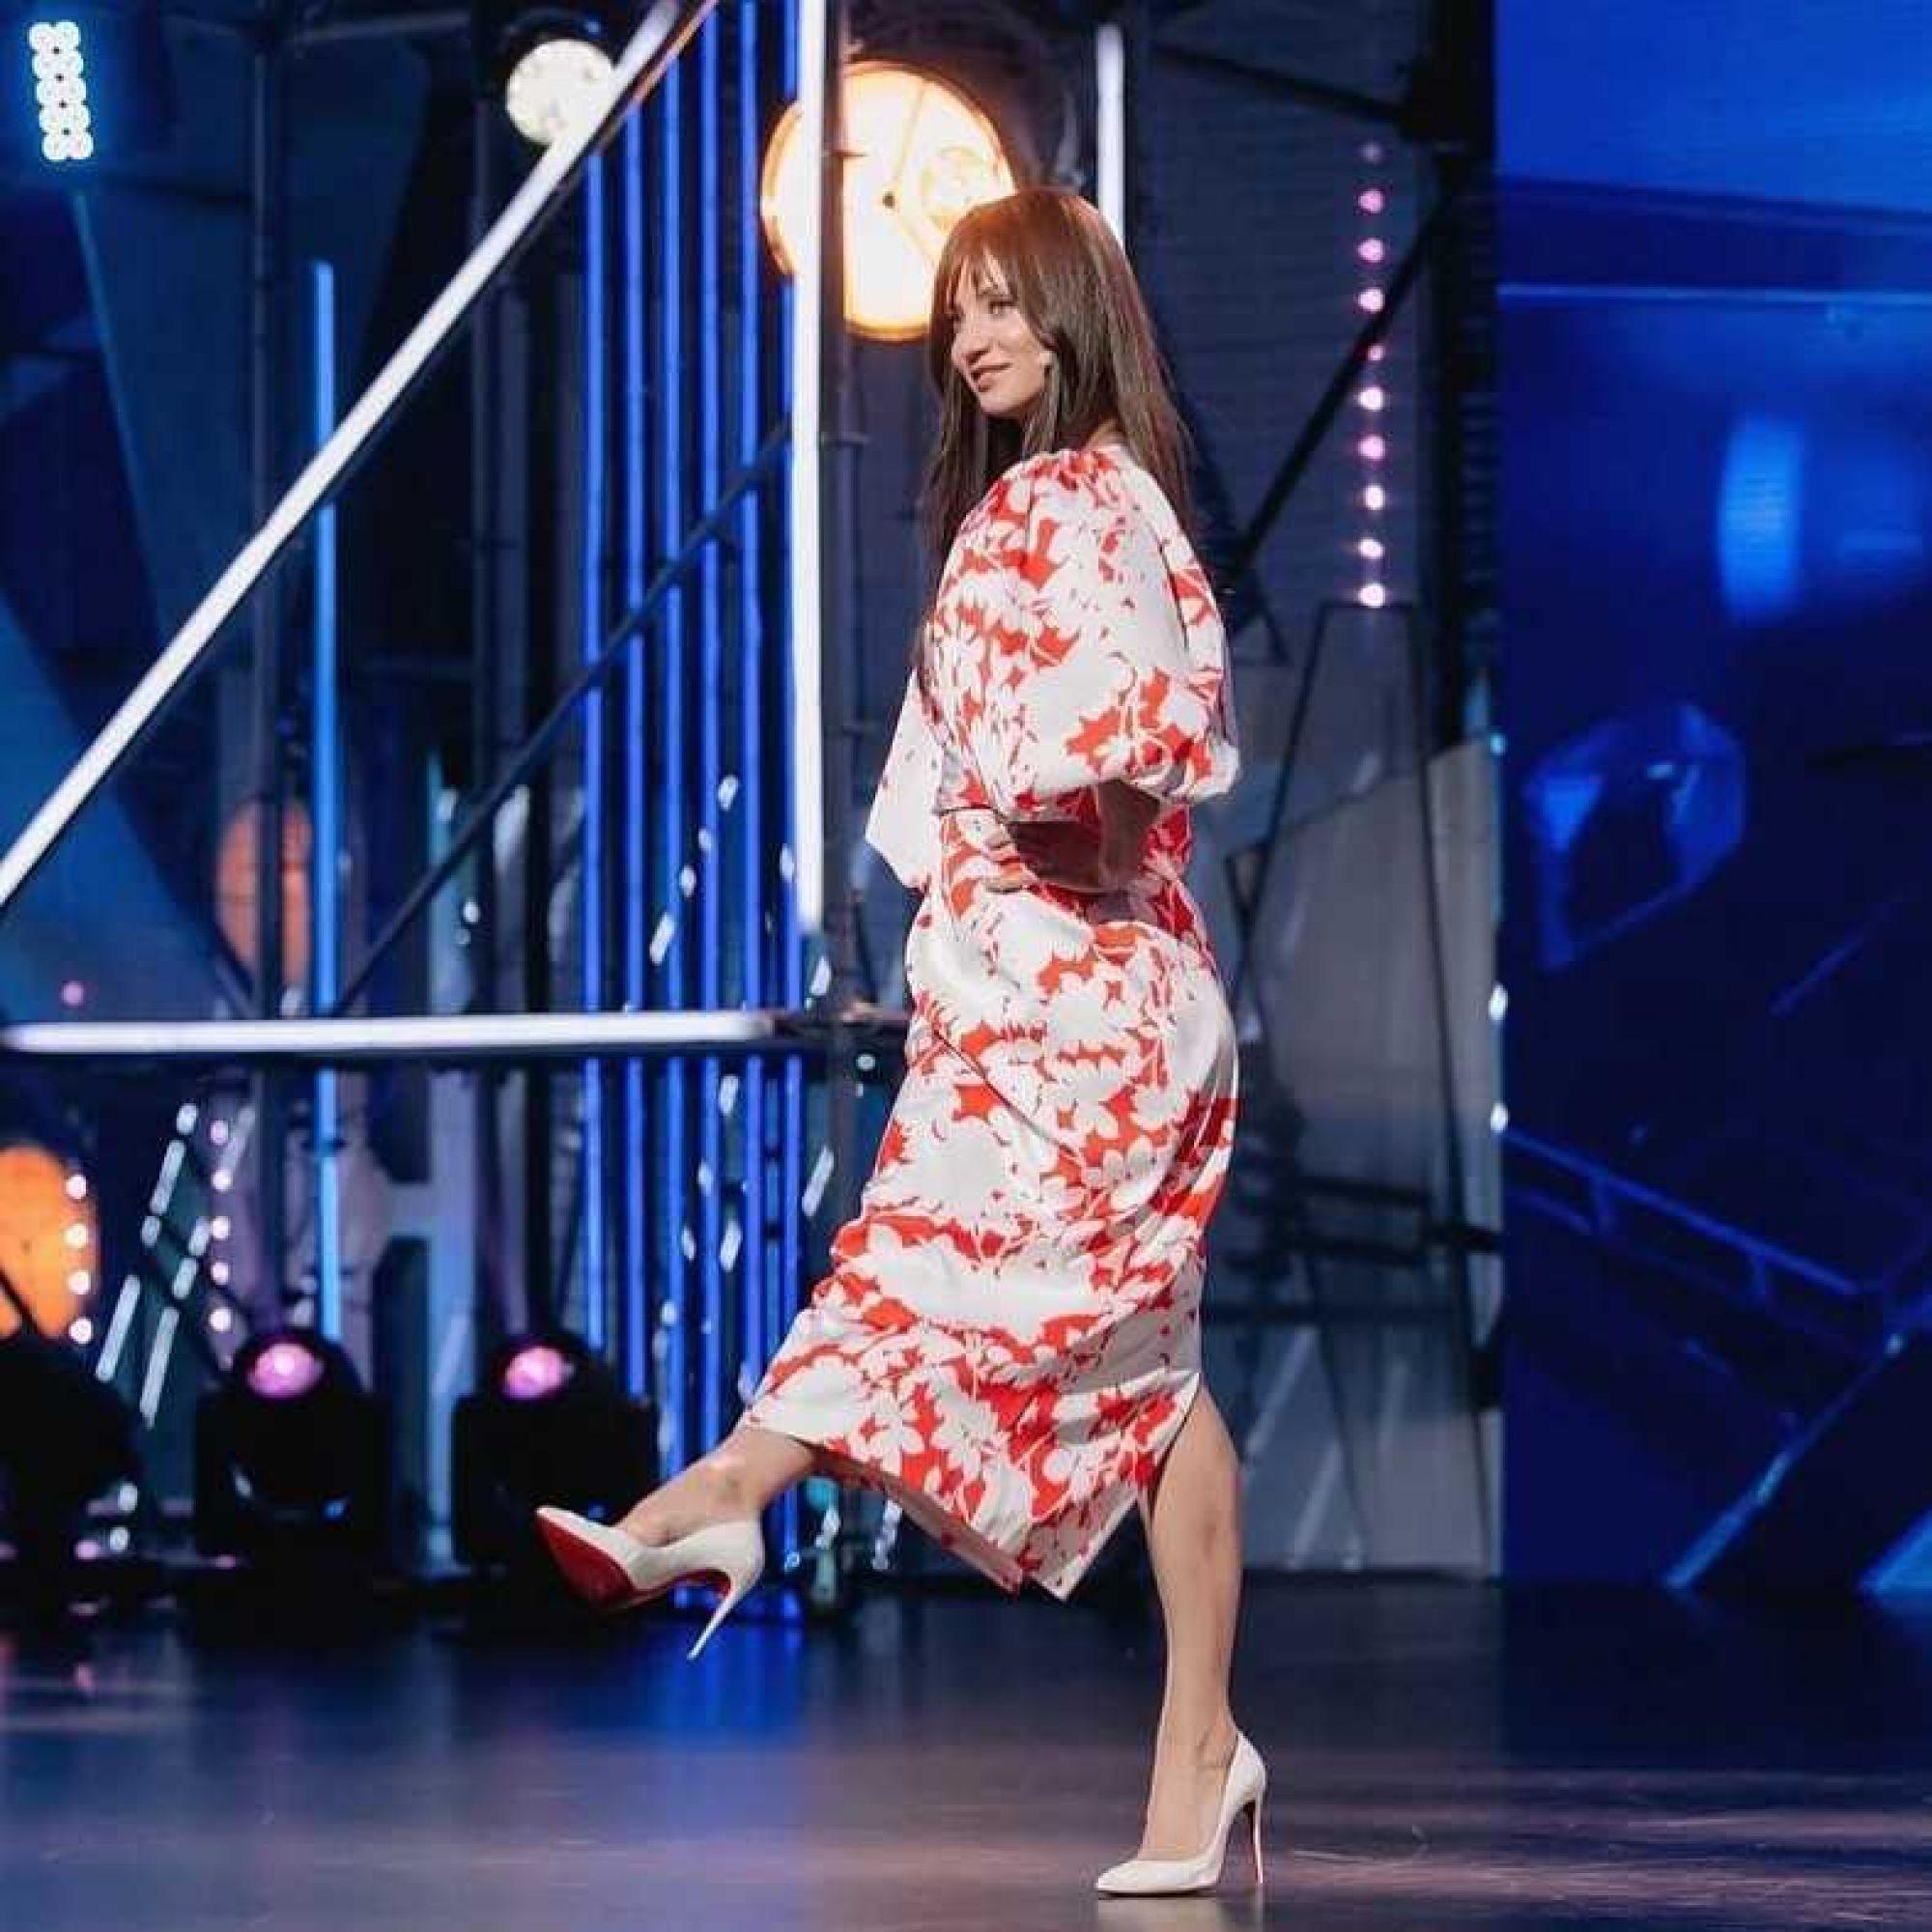 Татьяна Денисова исполнила зажигательный танец перед стартом финального сезона проекта «Танцы»